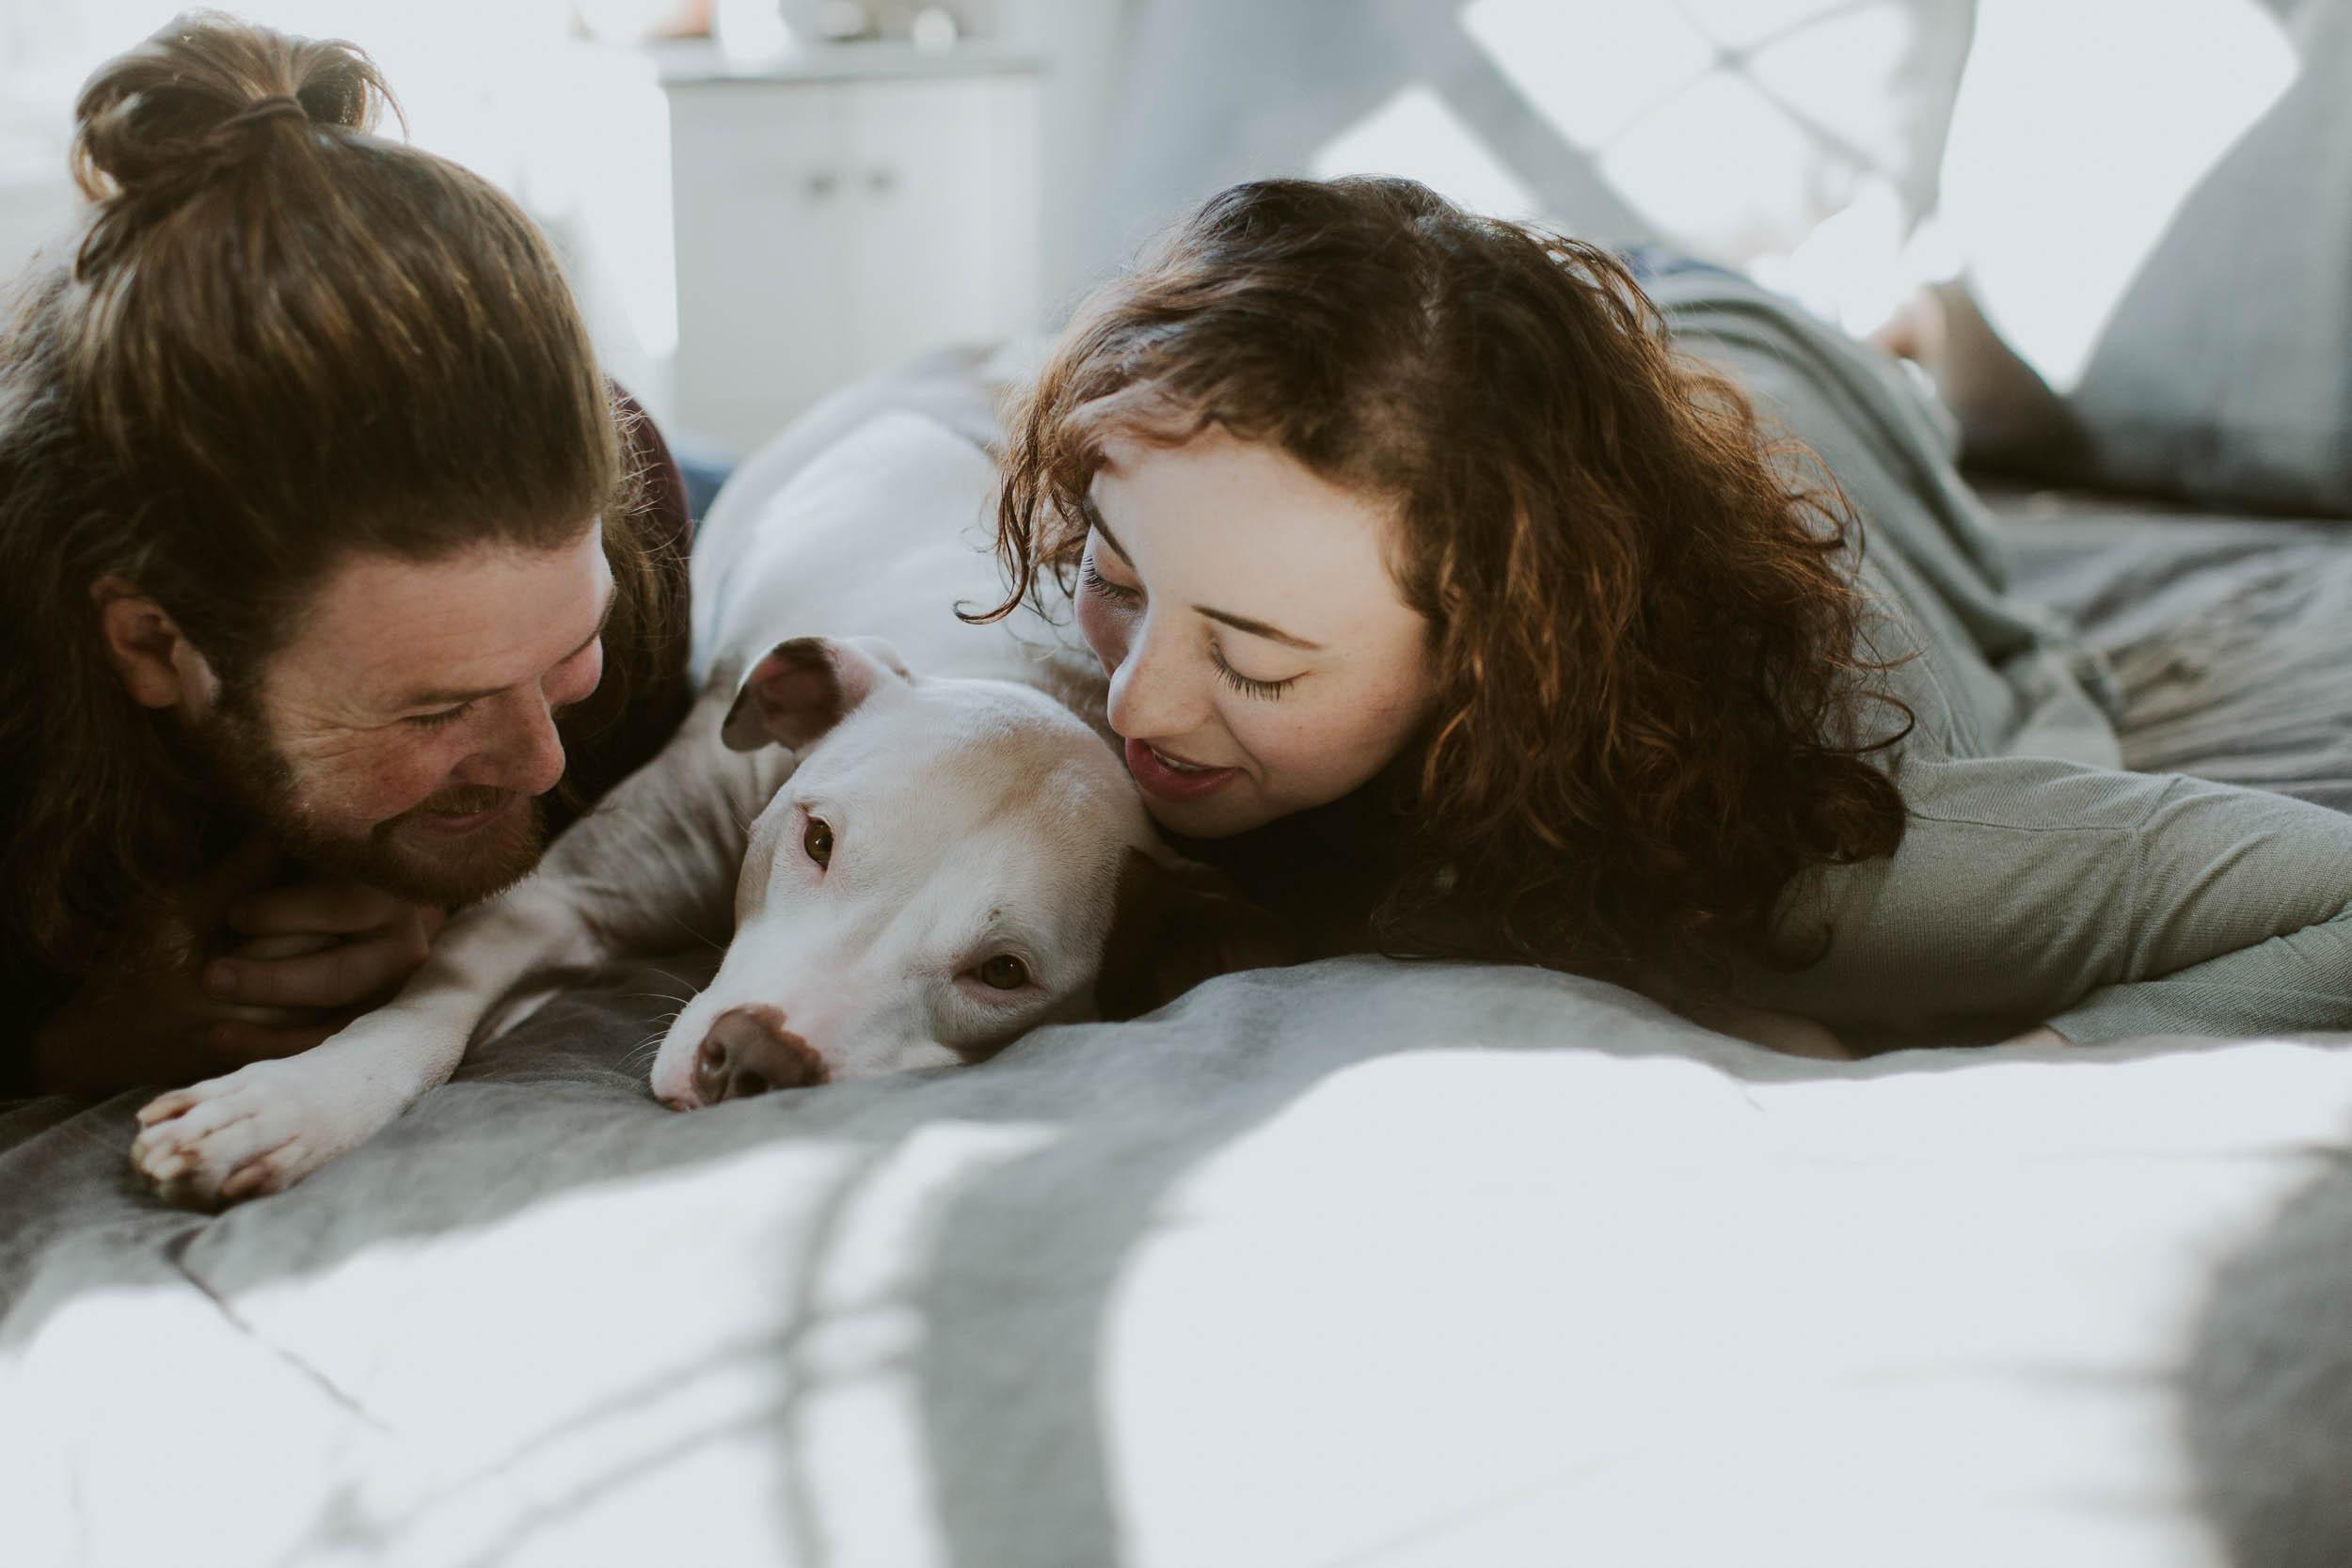 Kristen-Humbert-Family-Photoshoot-Philadelphia_Ruby-James-W-2-4.jpg